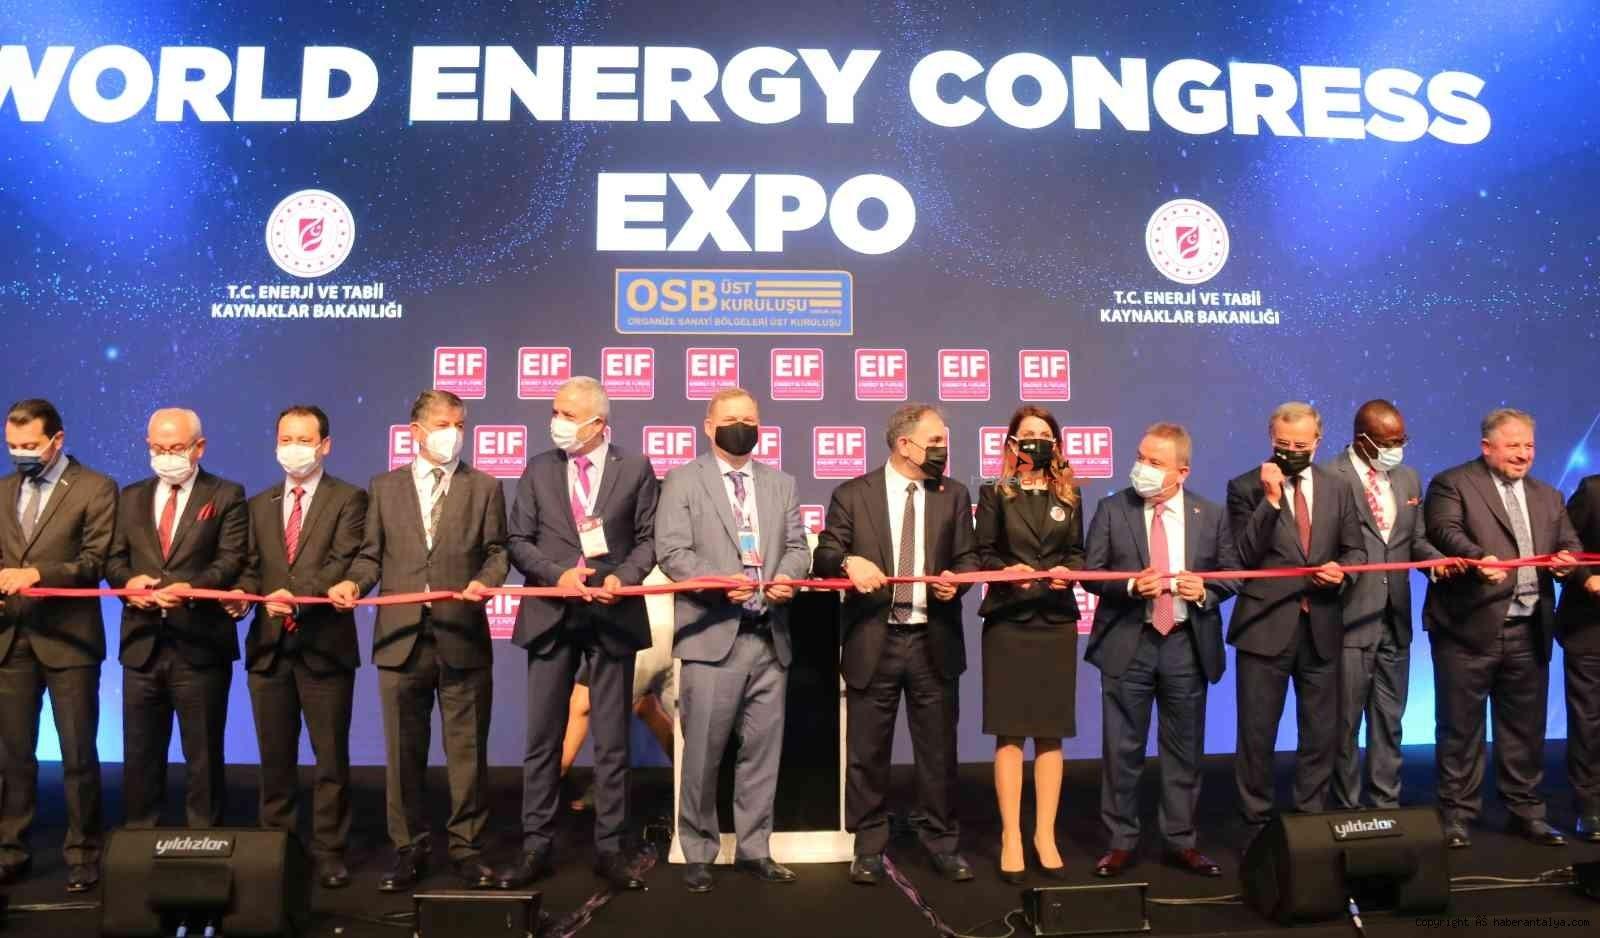 2021/10/enerjinin-kalbi-antalyada-atiyor--20211013AW44-1.jpg